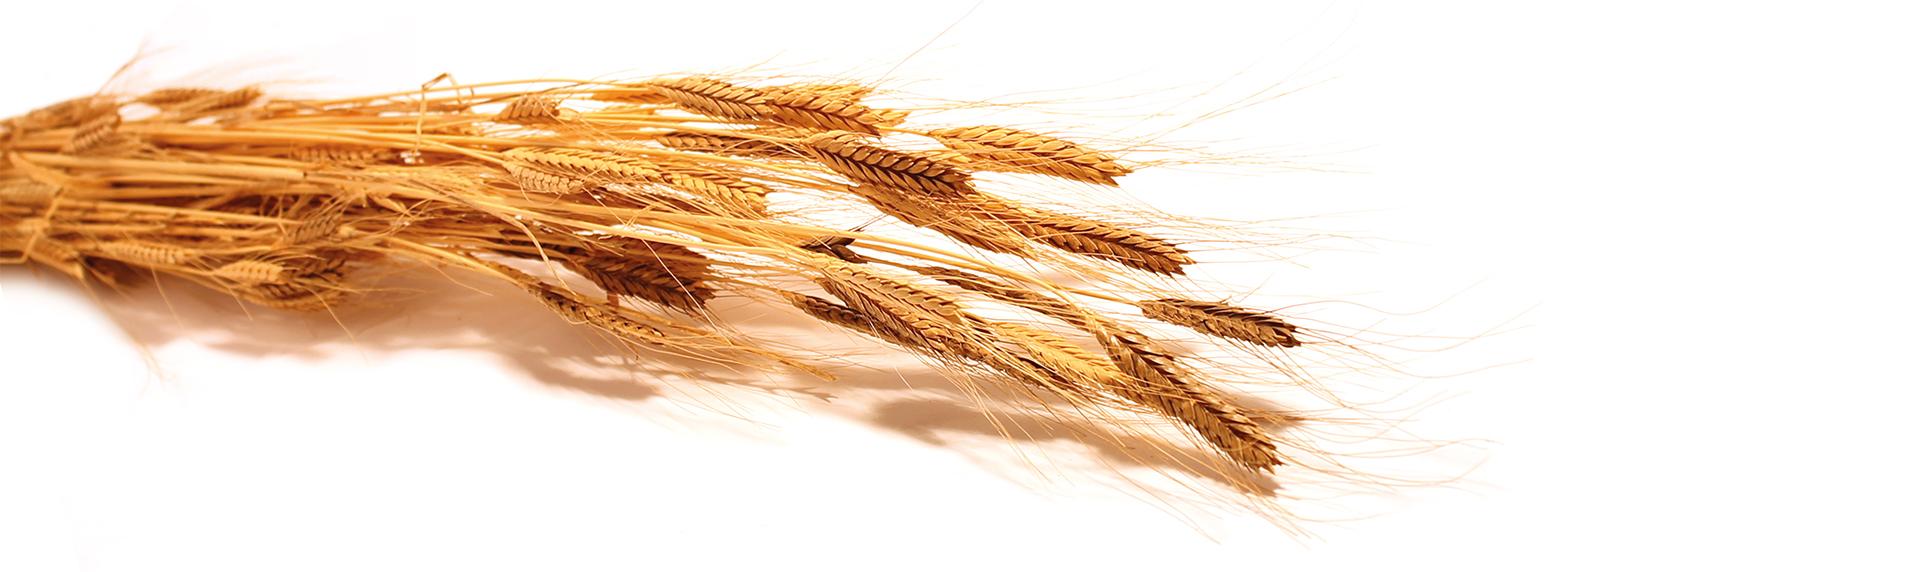 pane dell'anno 1000- panificio genova-pane--spiga-grano-grani